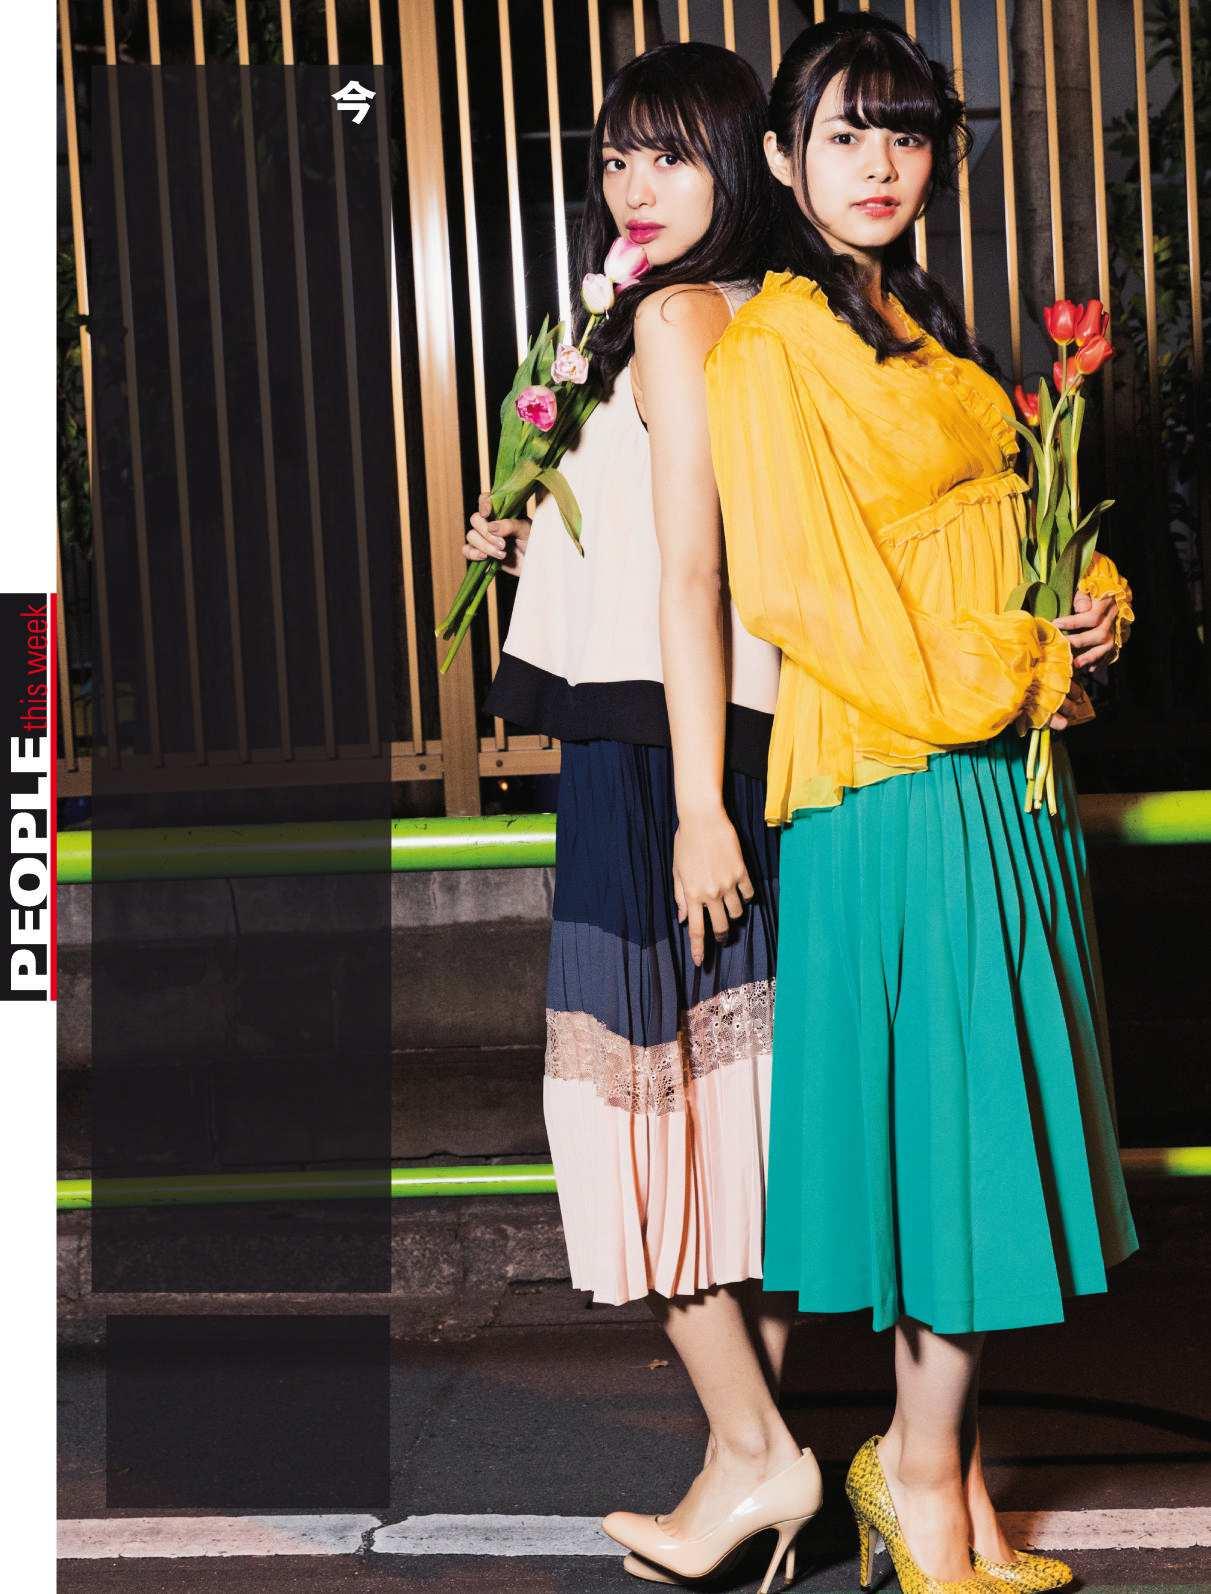 Kitahara Rie 北原里英, Homma Hinata 本間日陽, Weekly SPA! 2018.04.10 (週刊SPA! 2018年4月10日号)